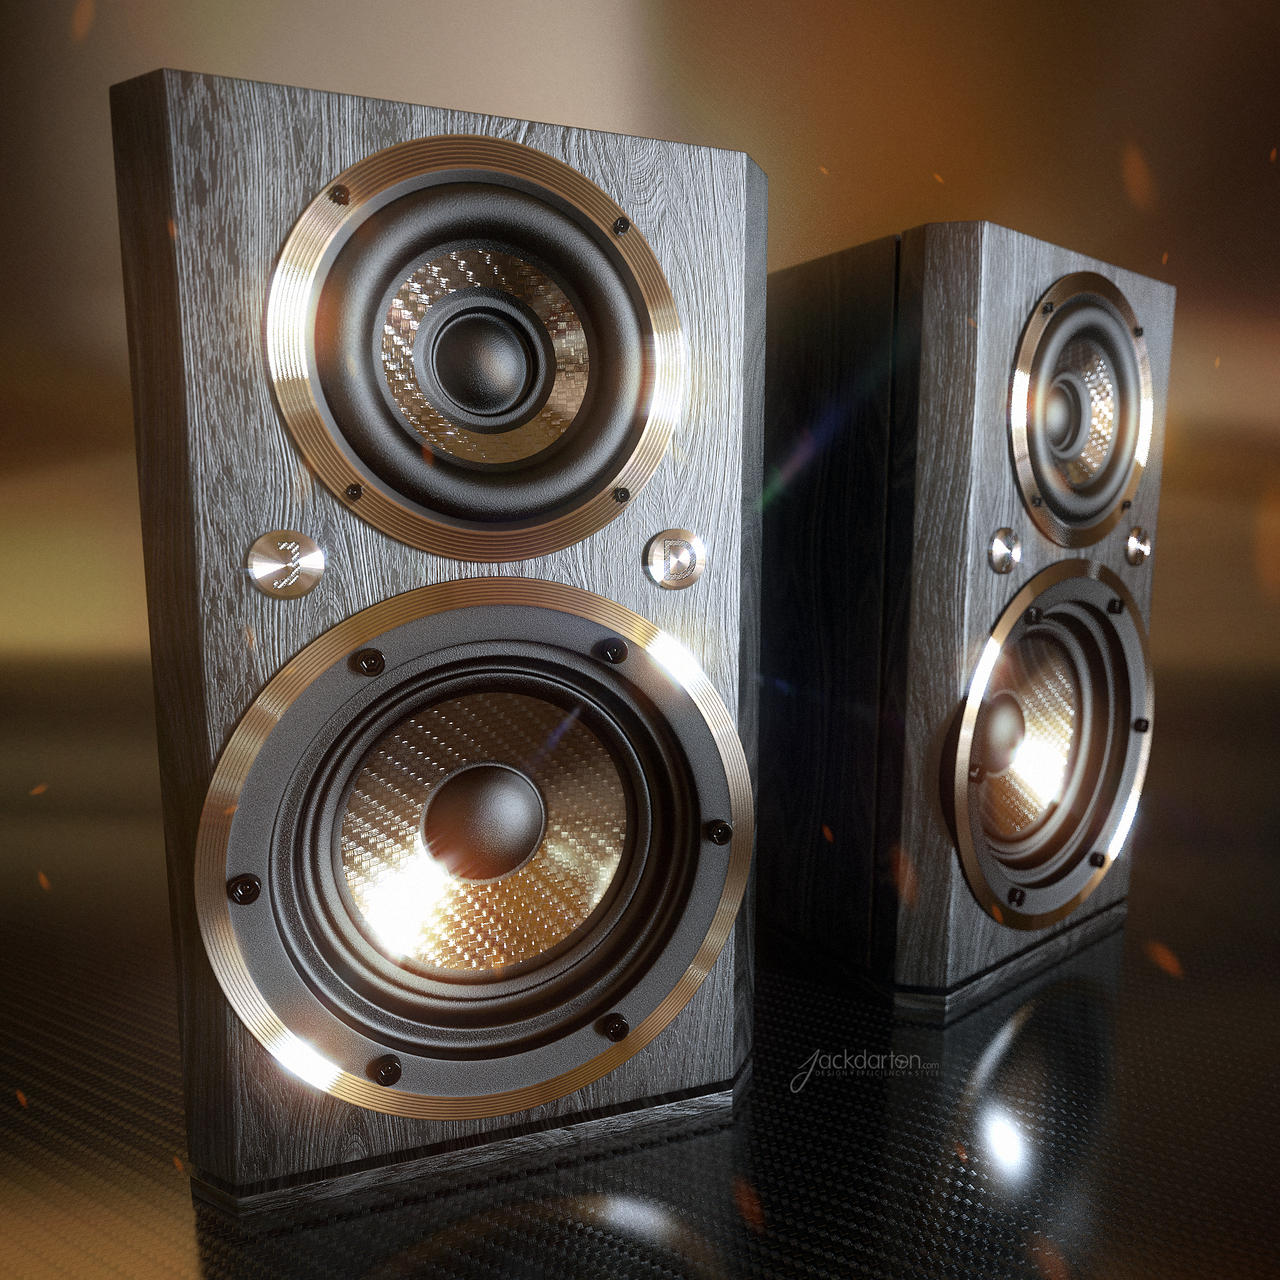 Custom Speakers By Jackdarton On Deviantart